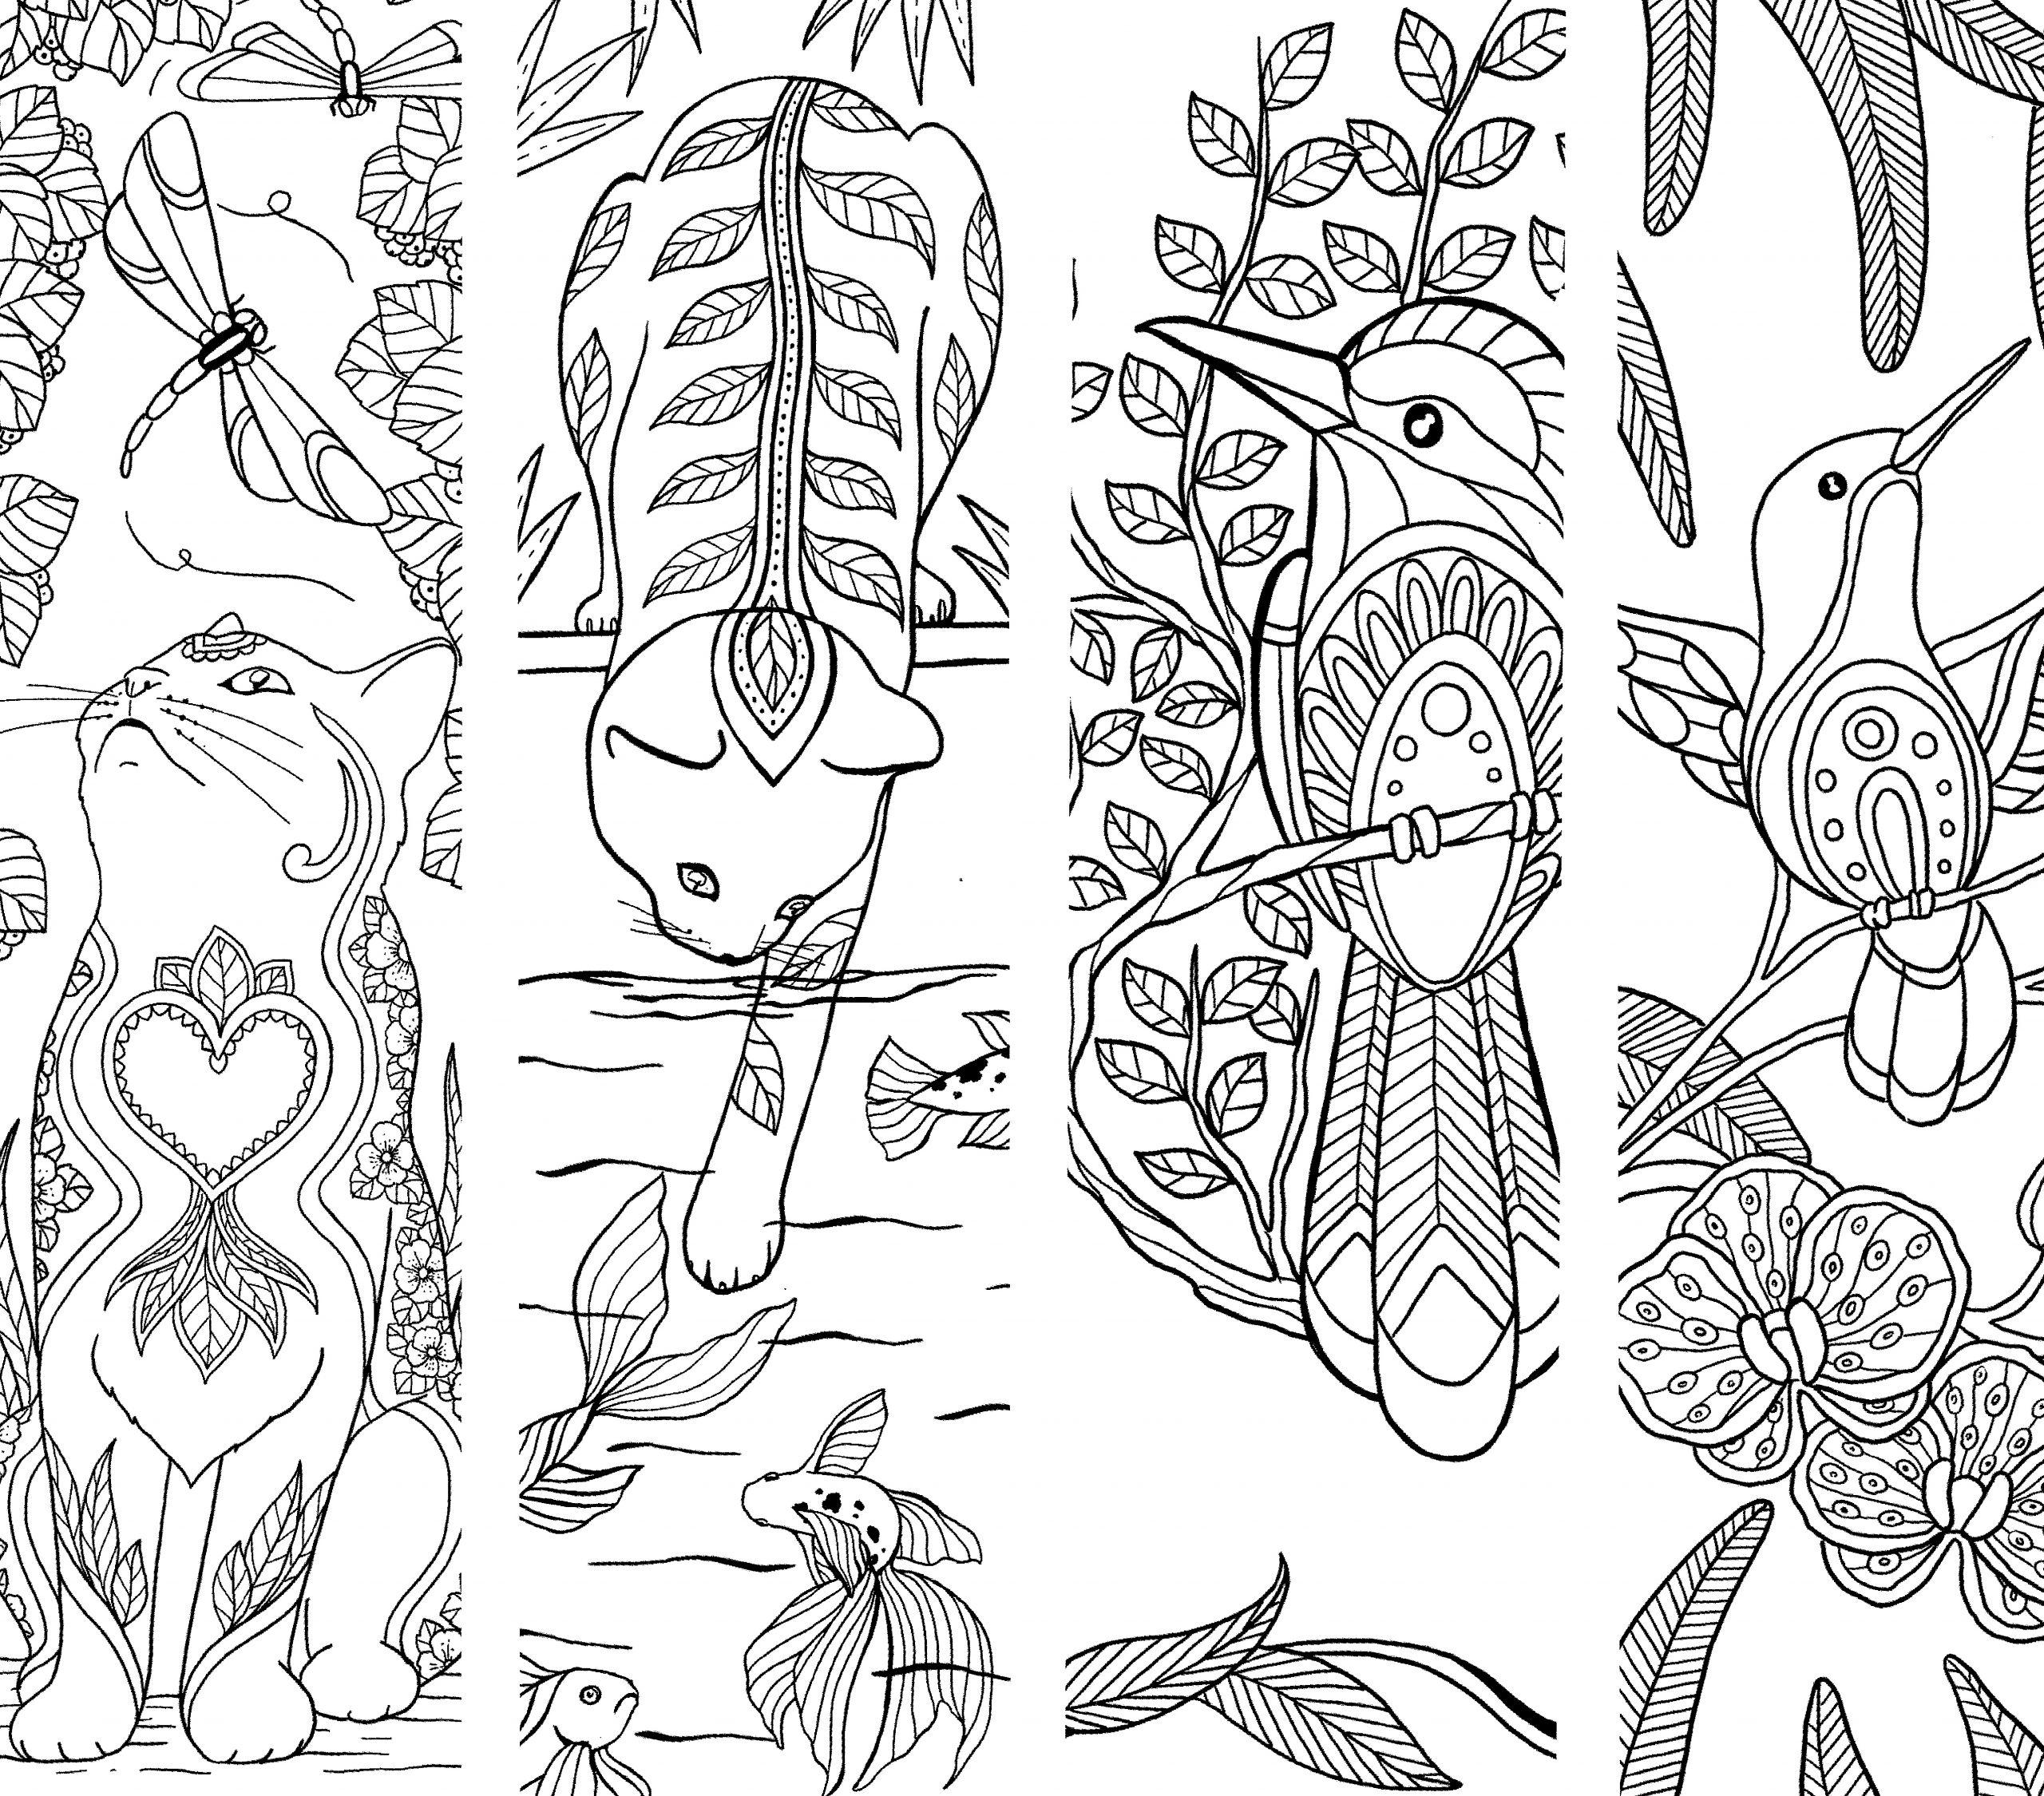 Coloriage Pour Enfants Et Adultes Zen Et Anti-Stress, Mandala concernant Marque Page Gratuit À Imprimer